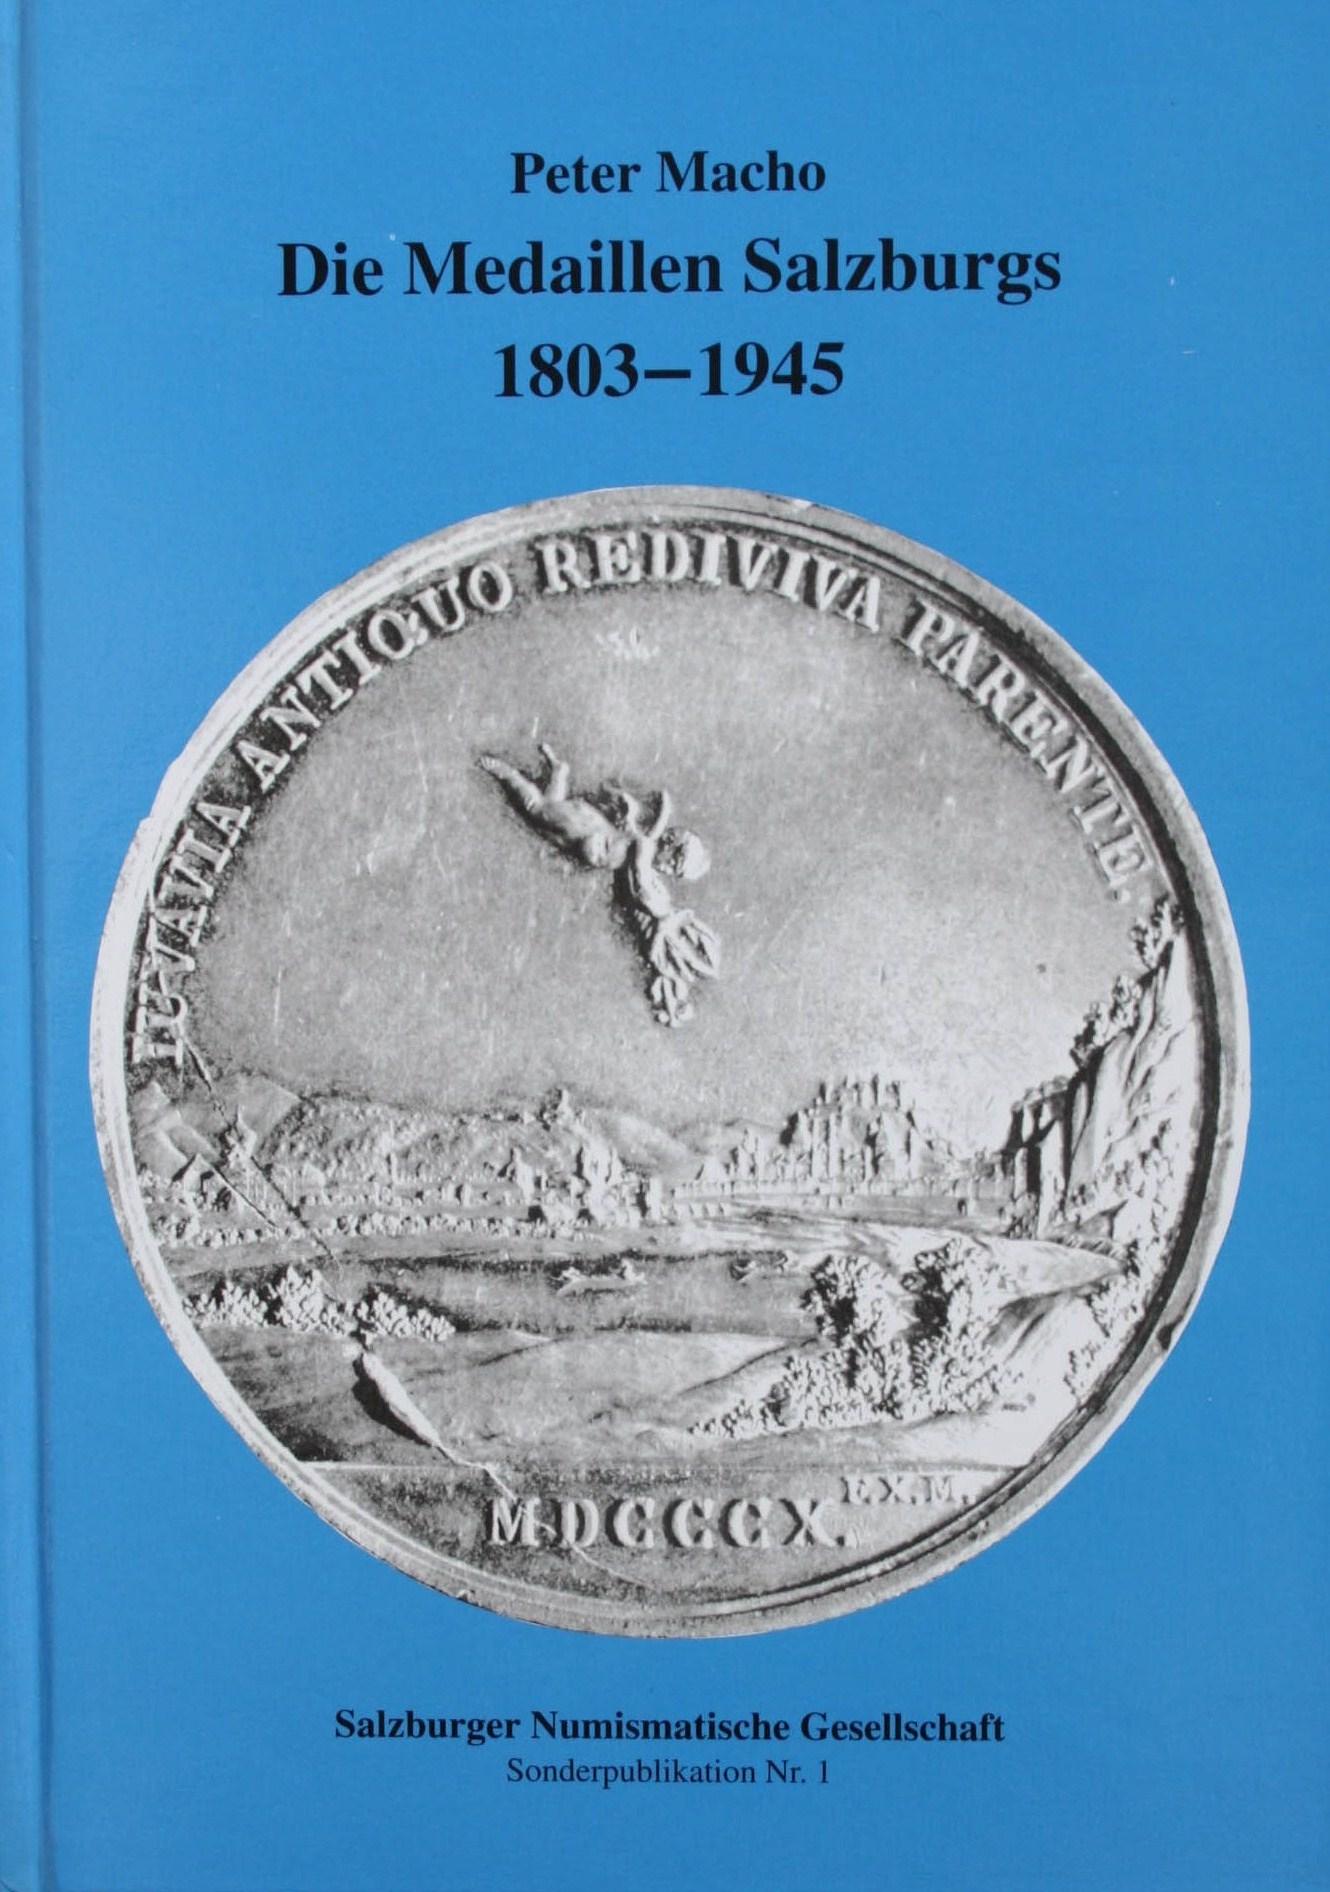 Die Medaillen Salzburgs 1803 - 1945